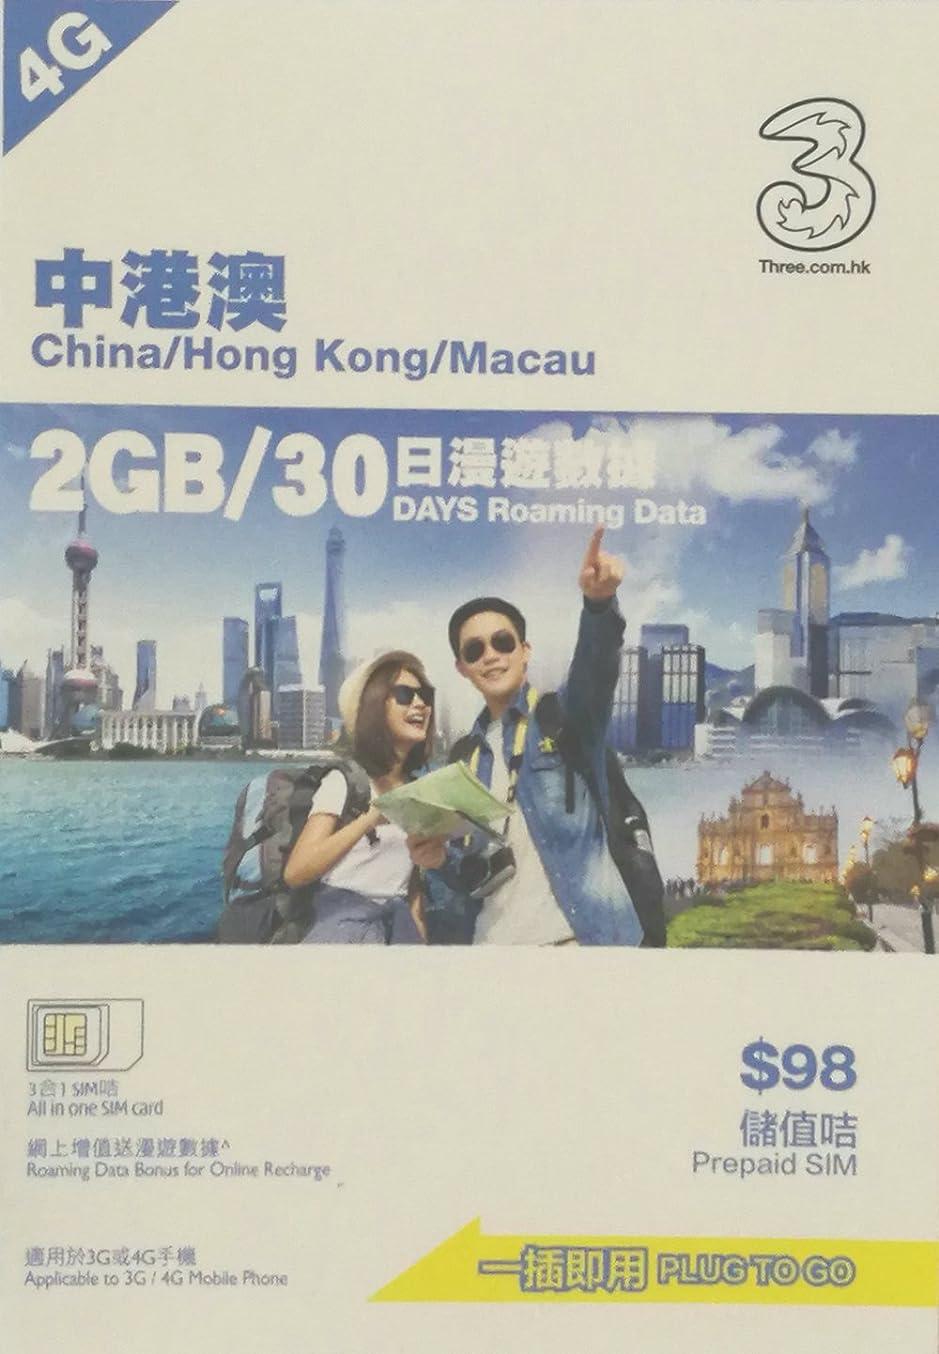 カウボーイ乱雑なサイレン【Three】 中国?香港?澳門 プリペイドSIMカード 30日間 4G/3Gデータ通信2GB